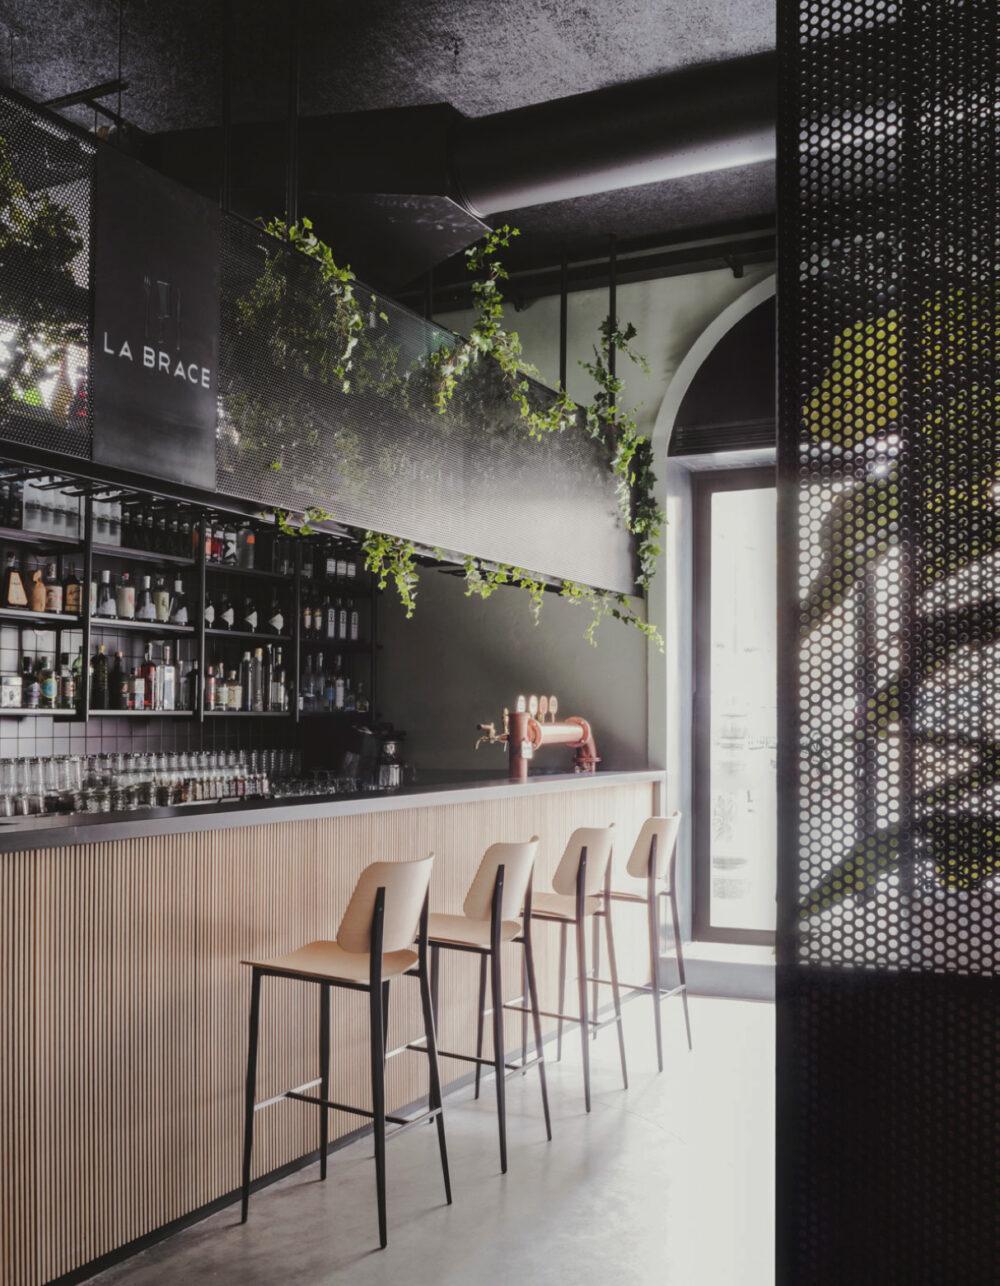 restaurante minimalista la brace studio didea venustas